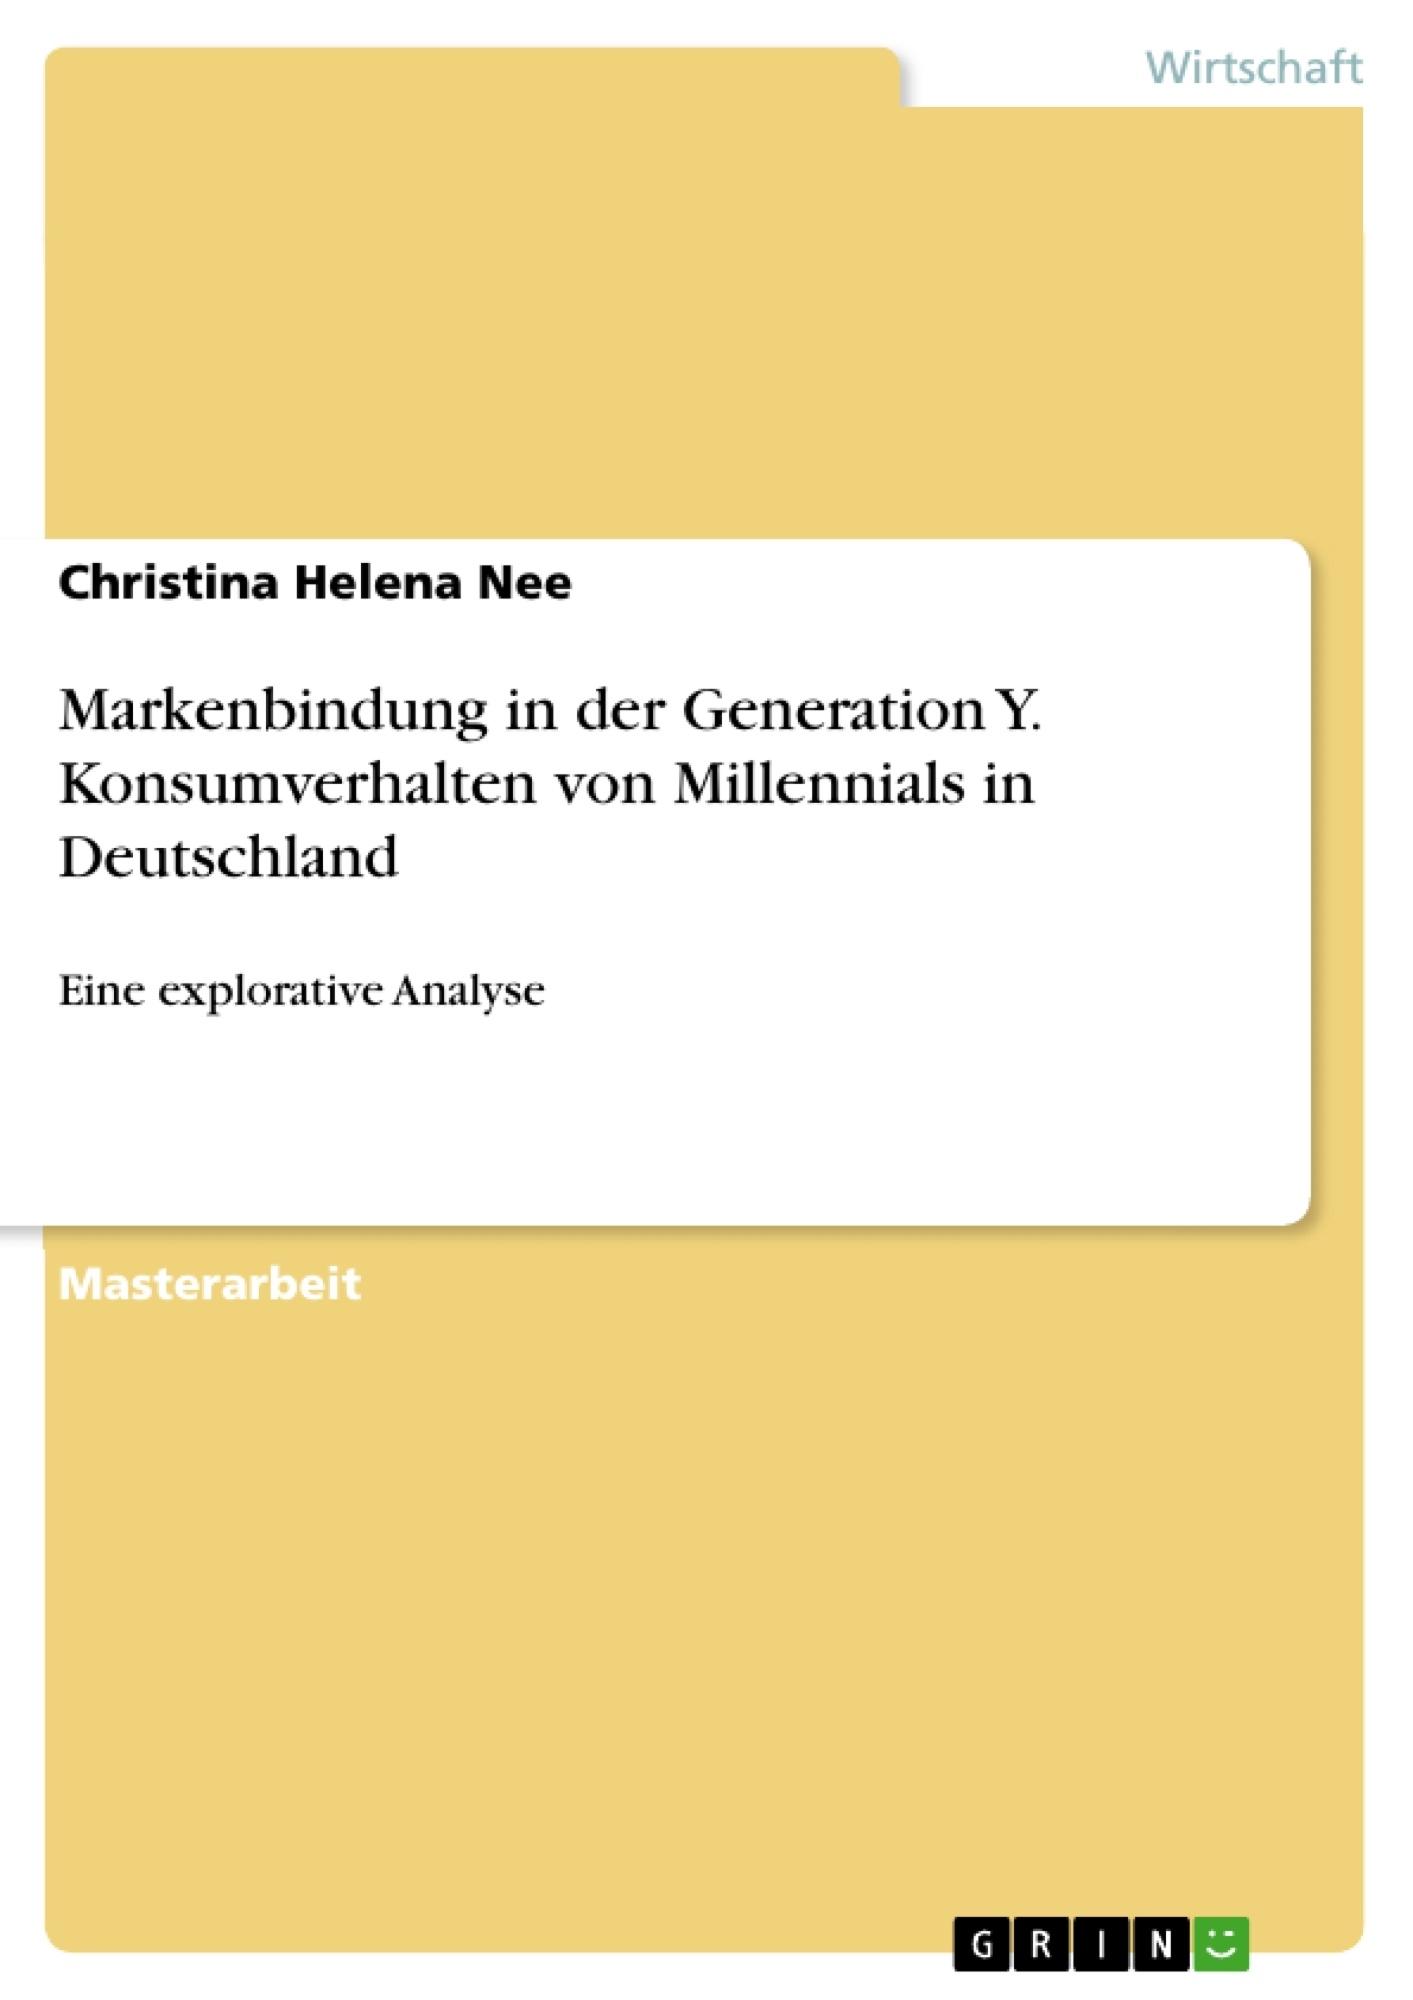 Titel: Markenbindung in der Generation Y. Konsumverhalten von Millennials in Deutschland